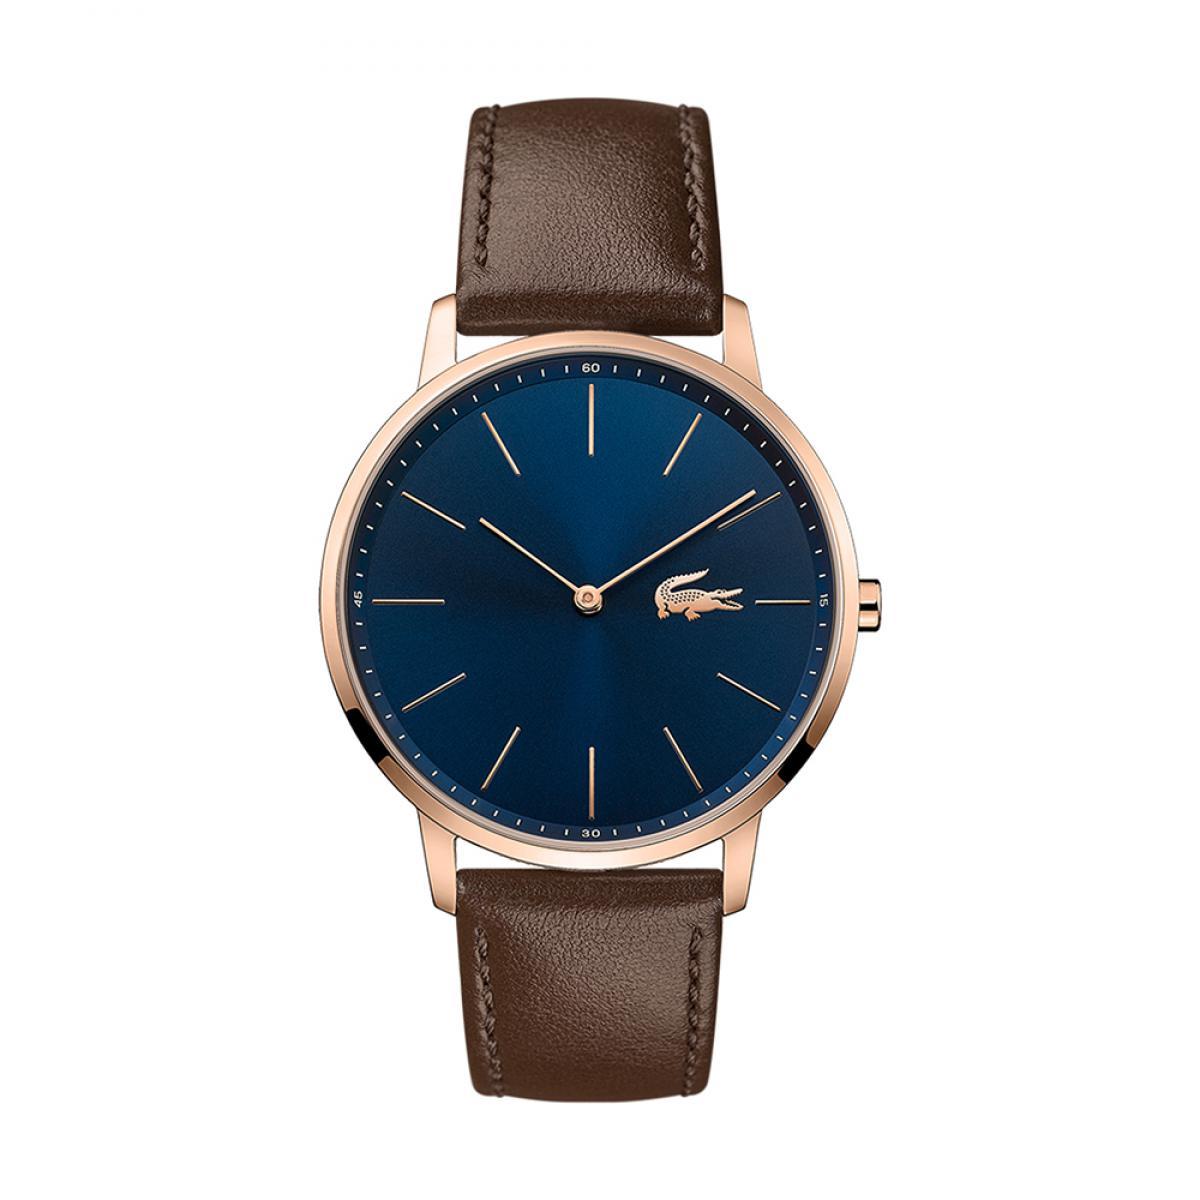 montre lacoste moon 2011018 montre affichage analogique bracelet cuir marron homme